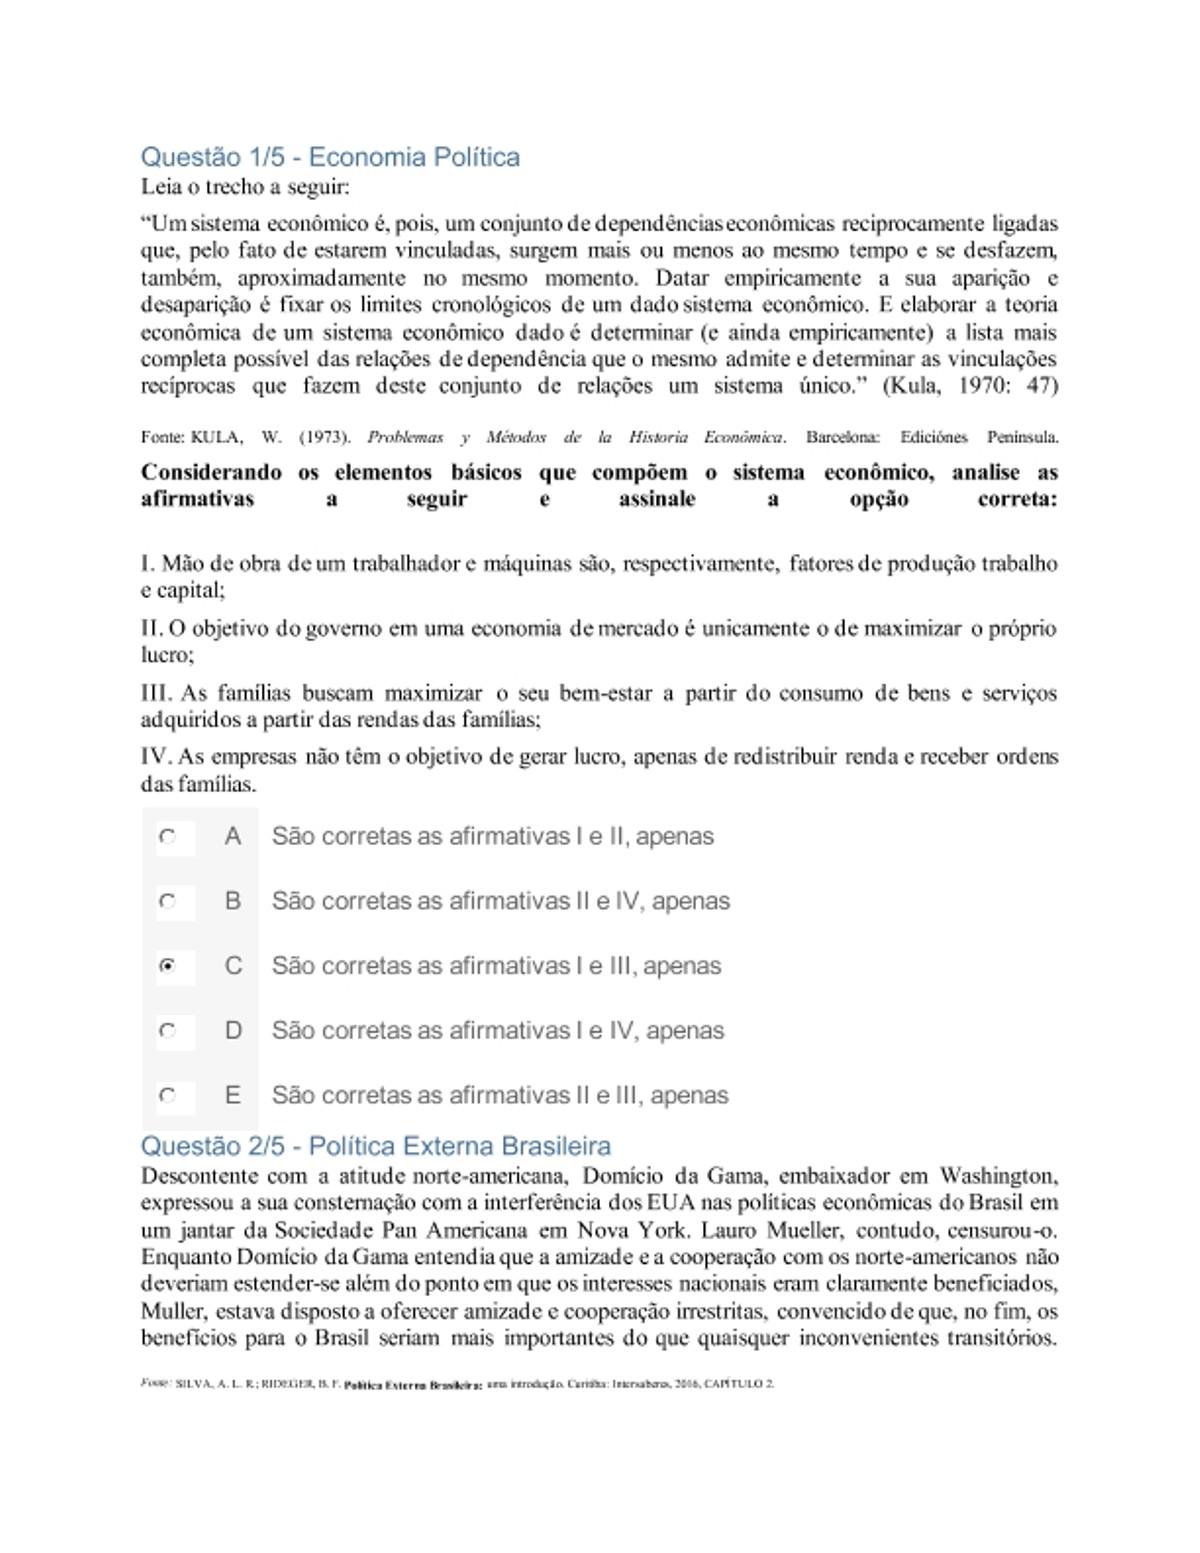 Pre-visualização do material APOL 1 - página 1